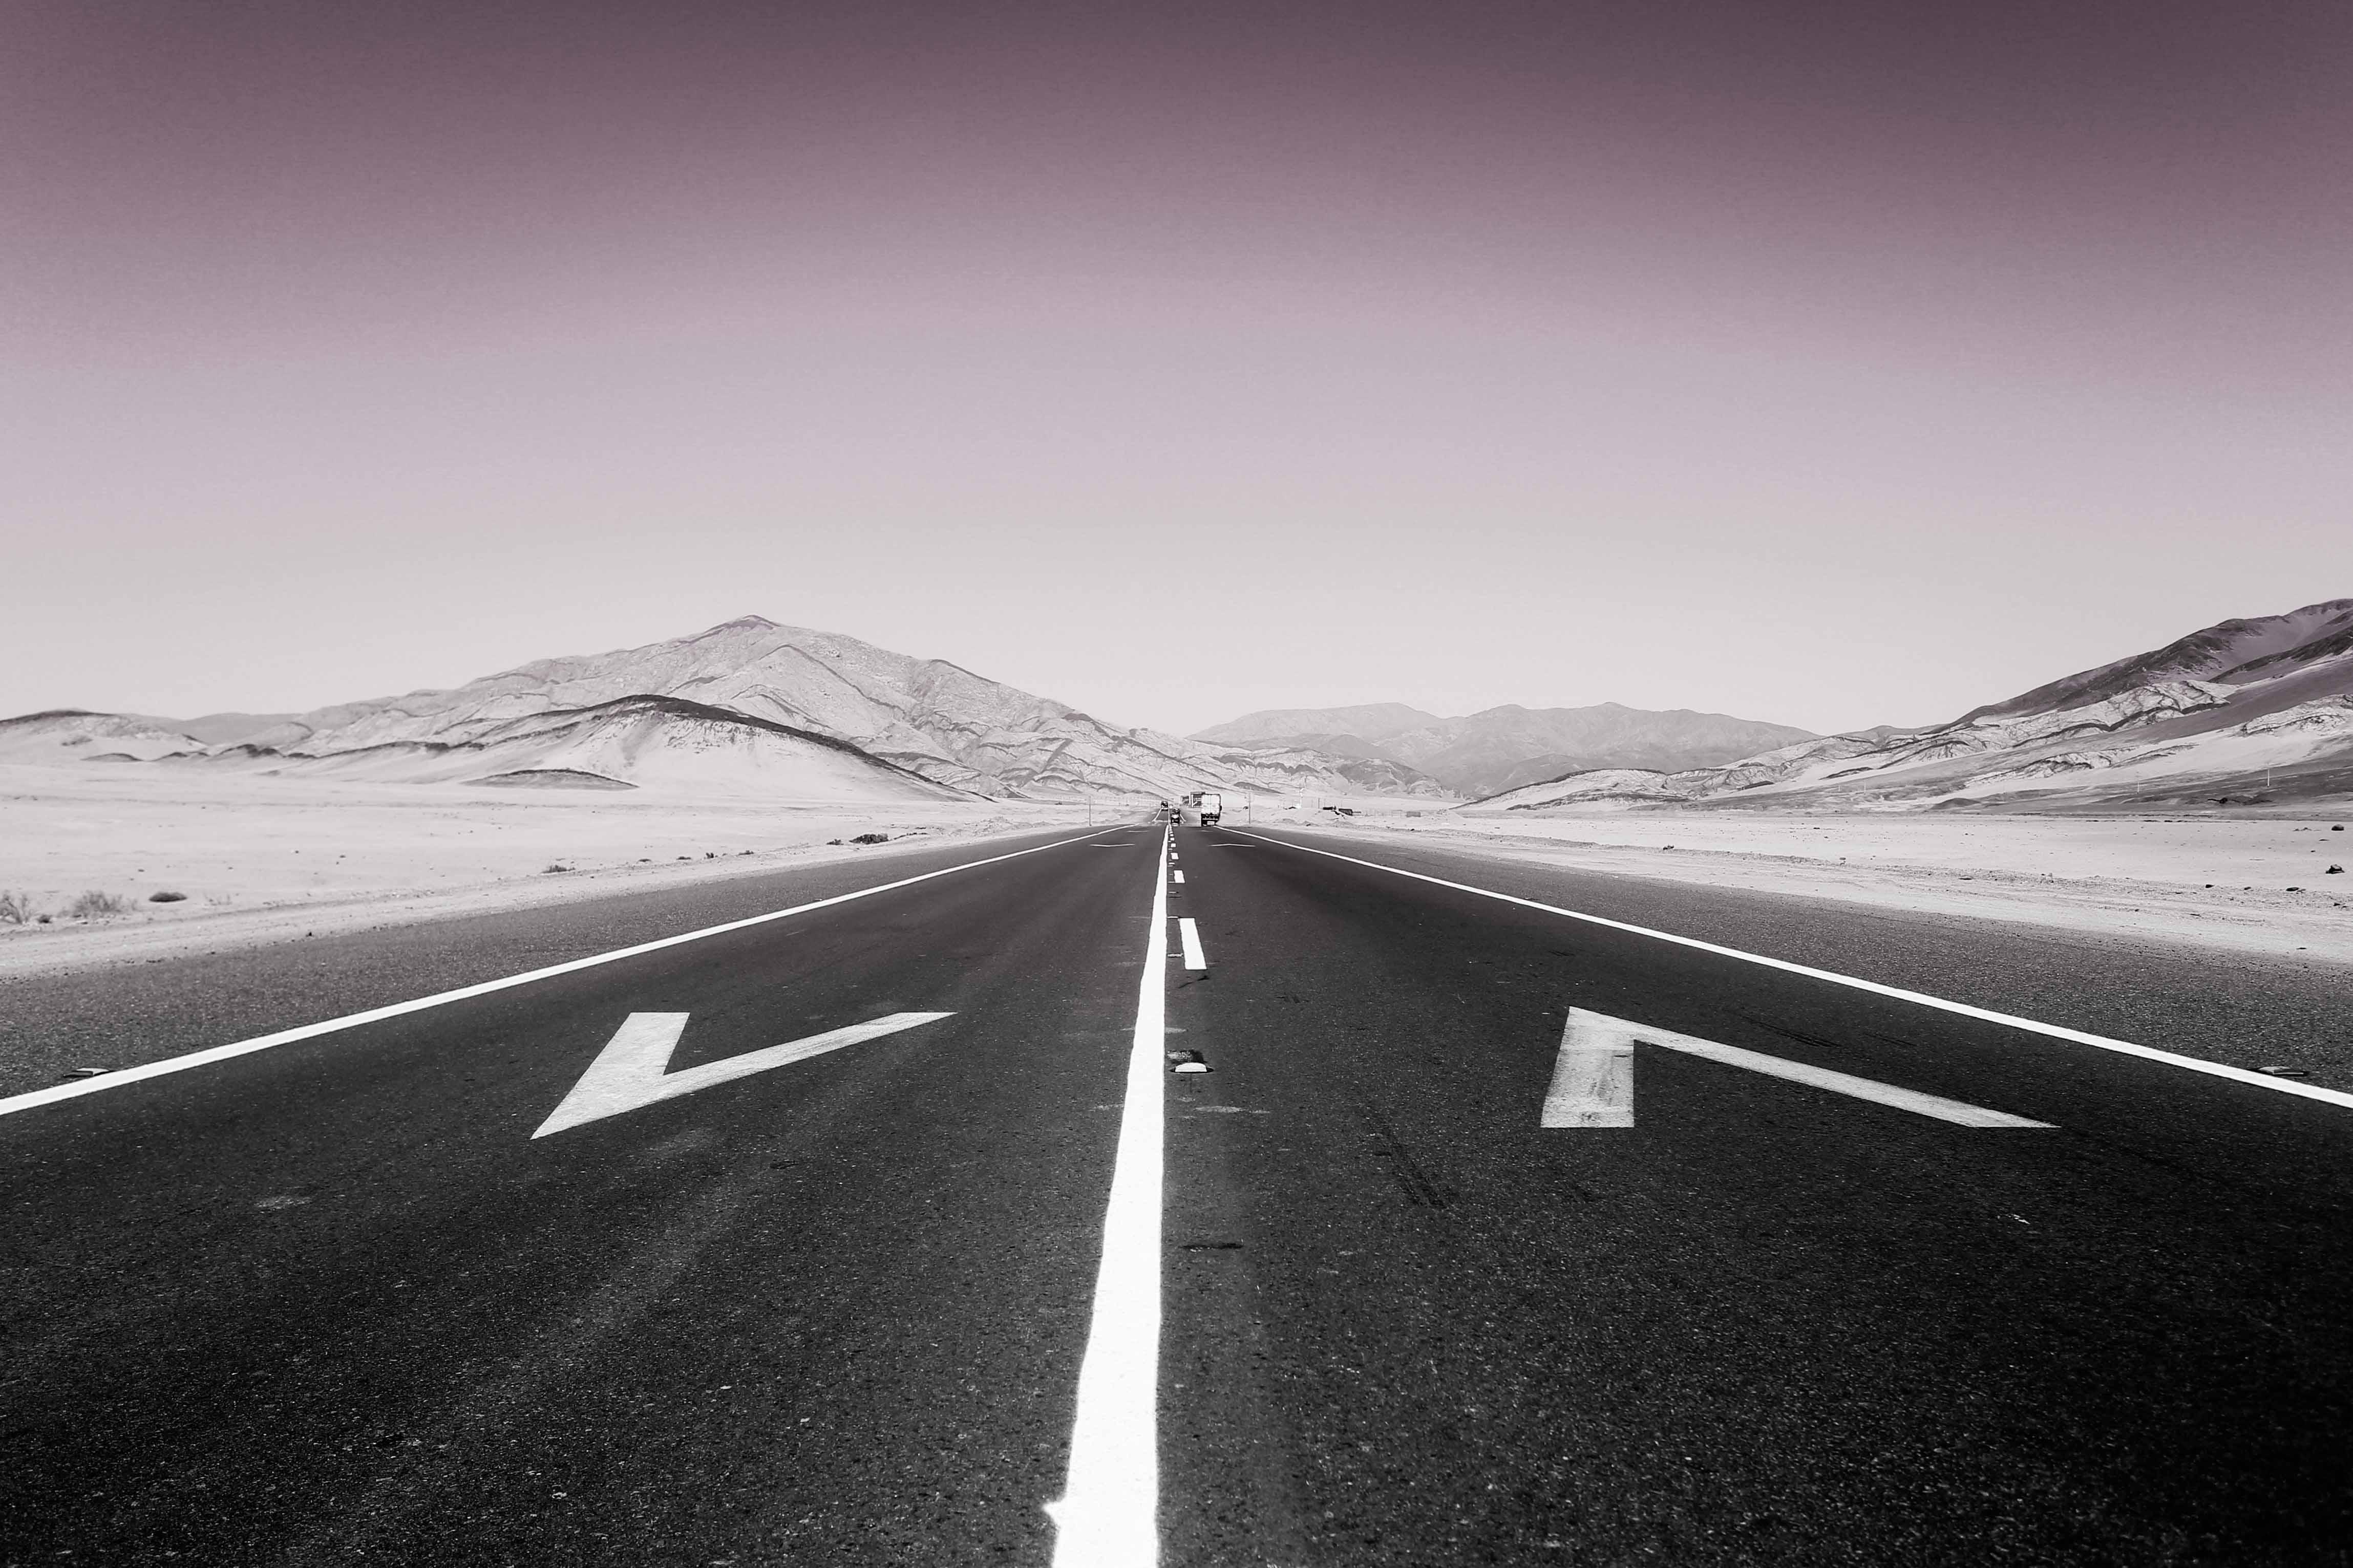 Una carretera por el desierto